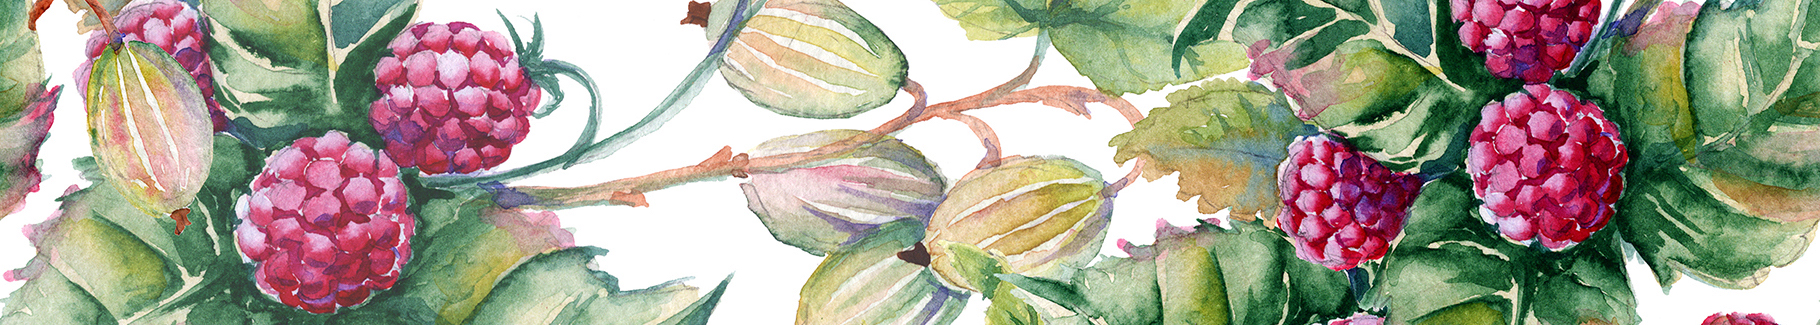 Plakat owoce - maliny i agrest